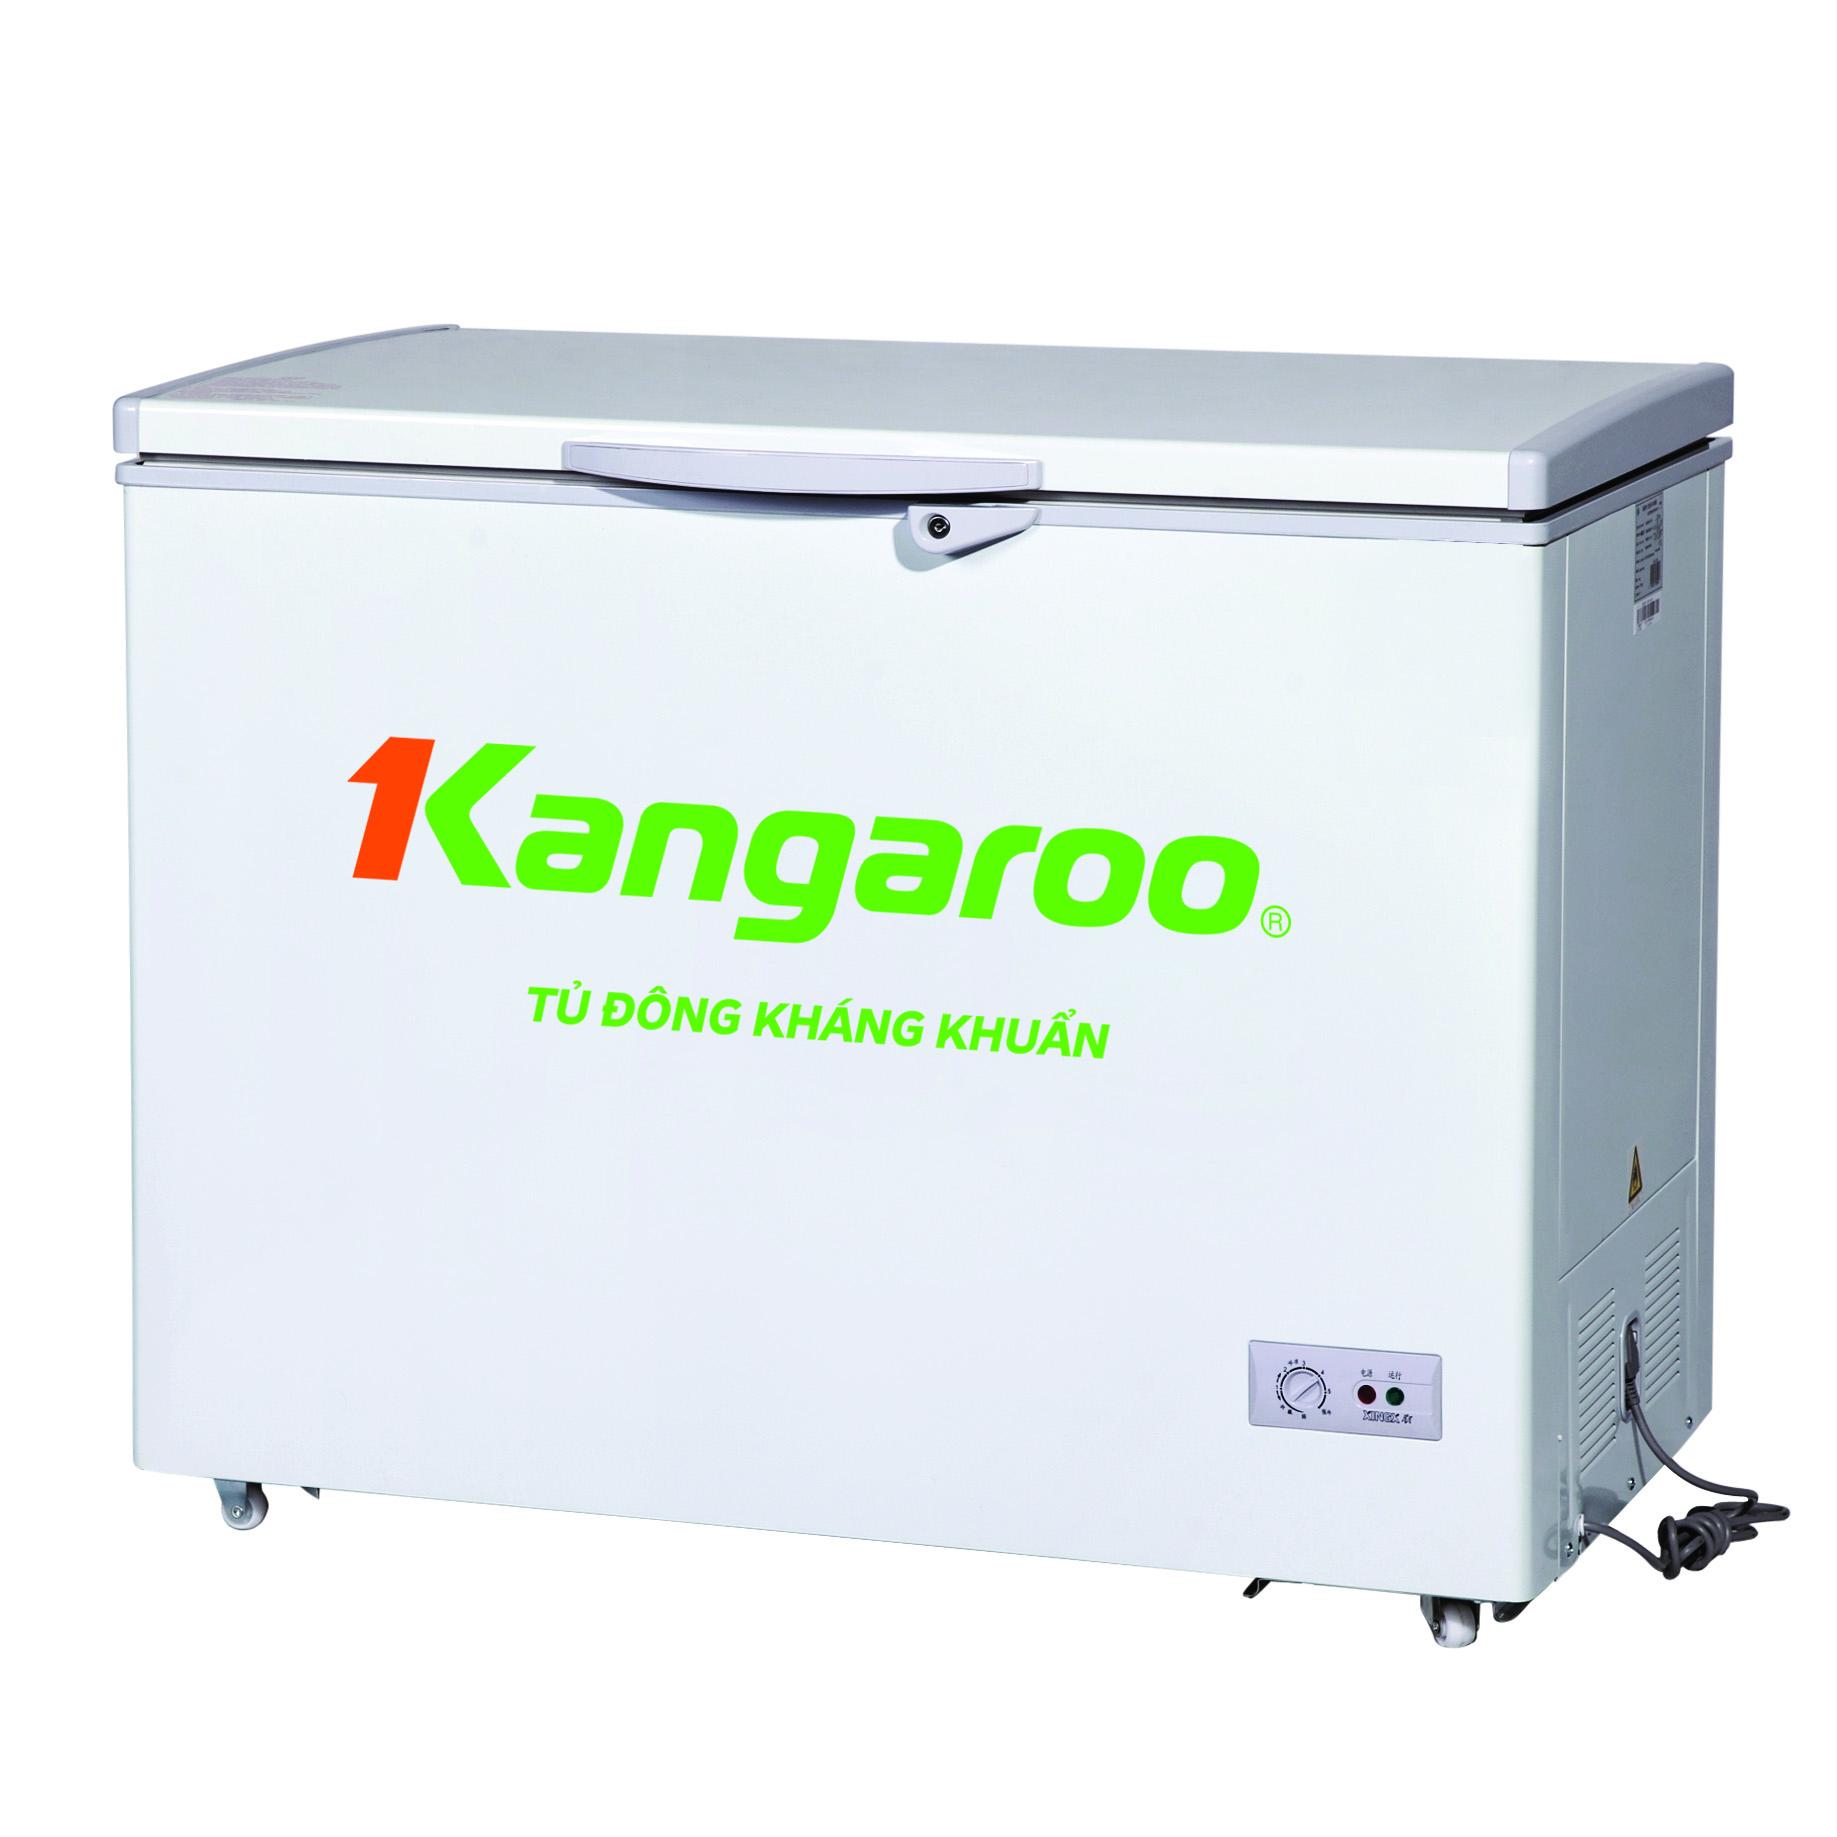 Tủ Đông Kangaroo KG295C1